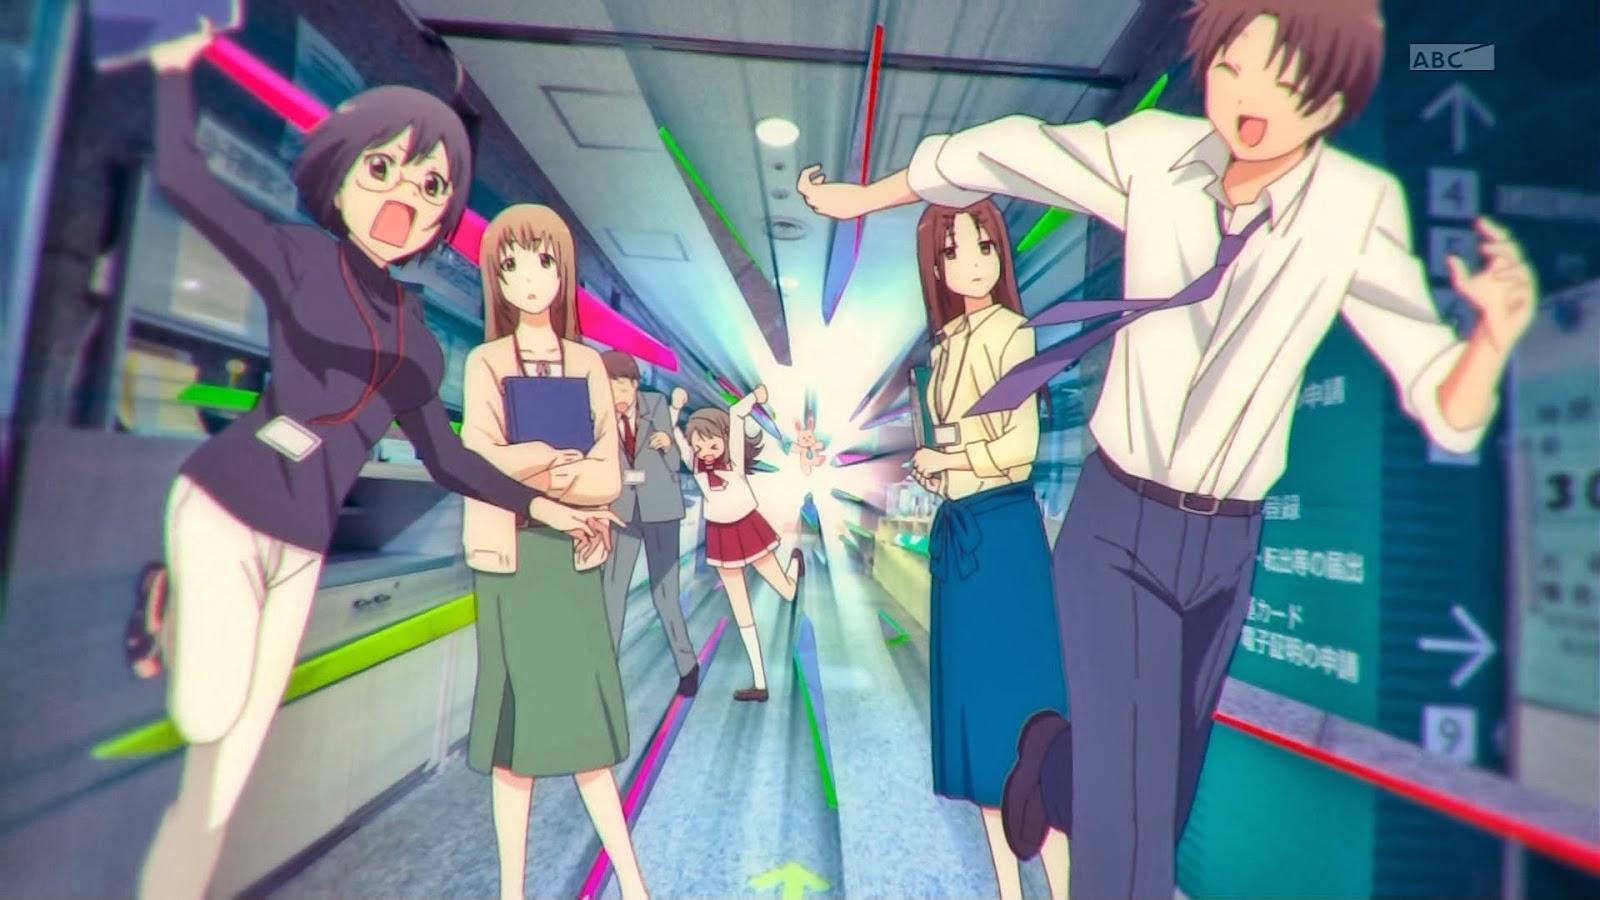 Indicação anime Servant x Service